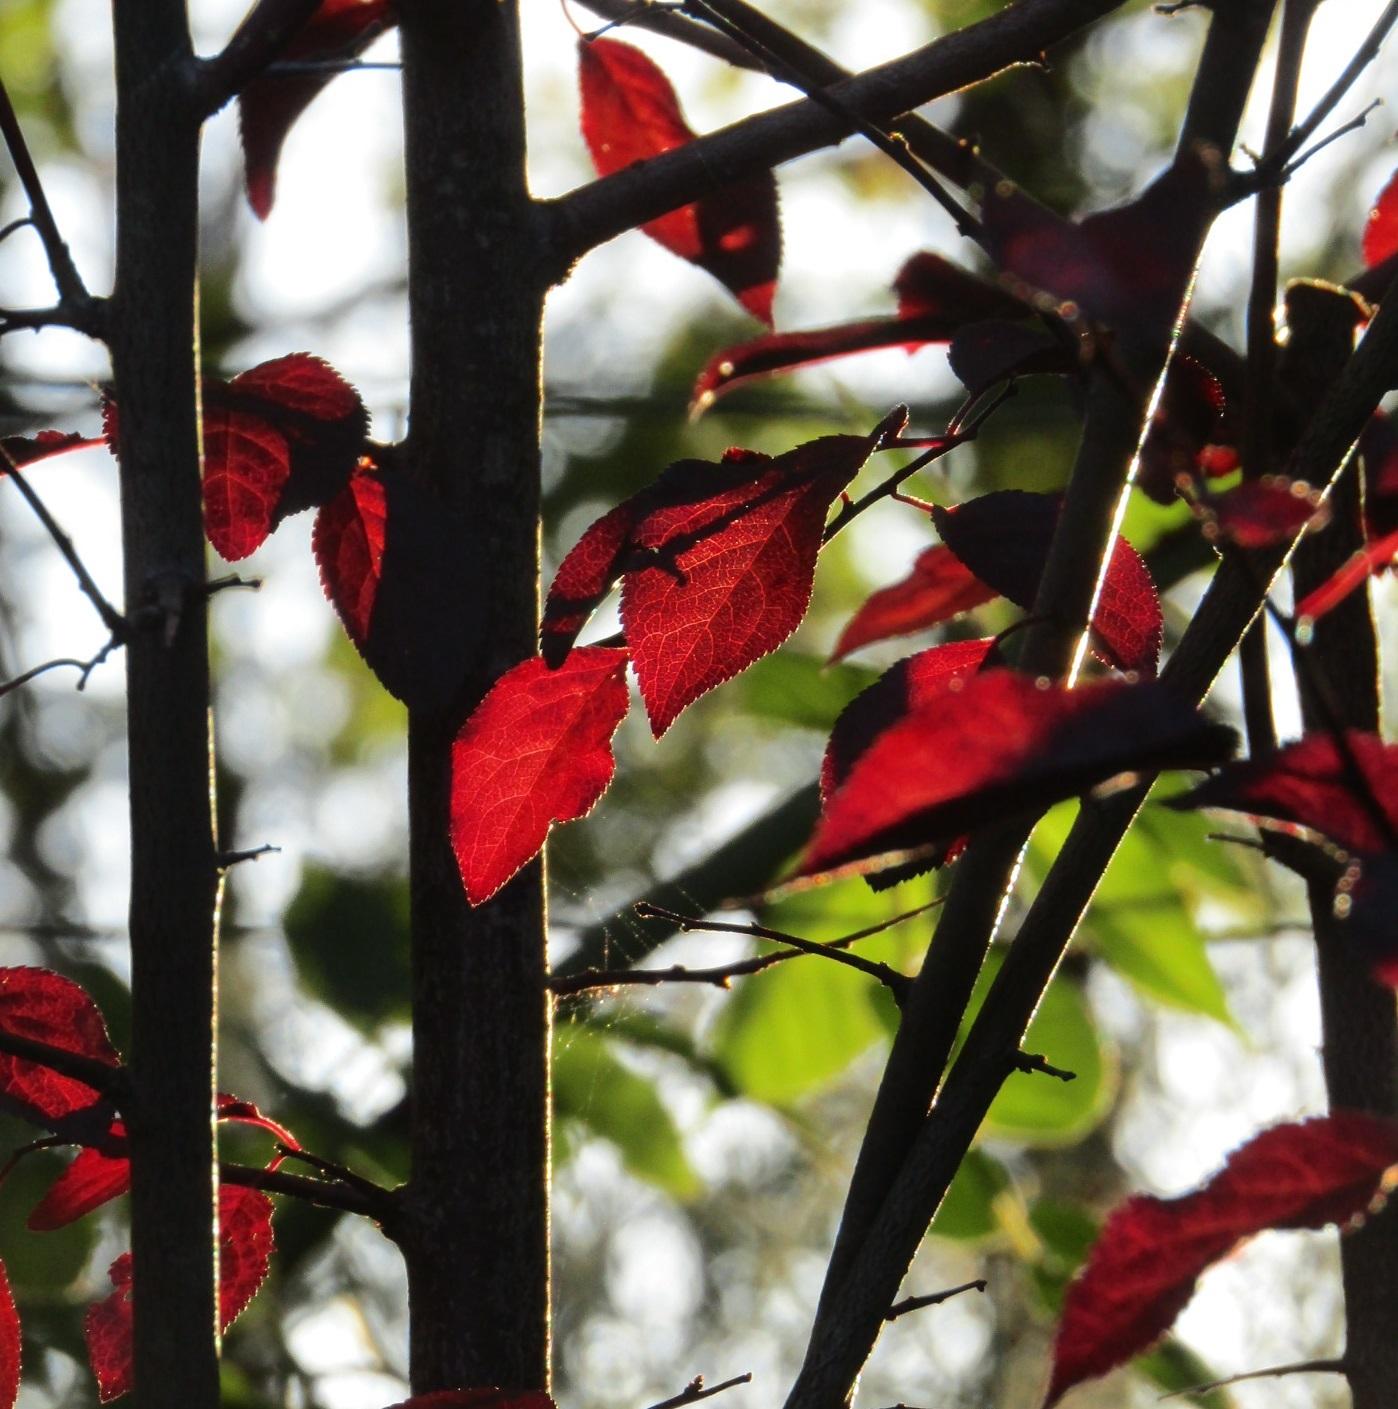 赤い葉っぱ_b0287748_20452764.jpg